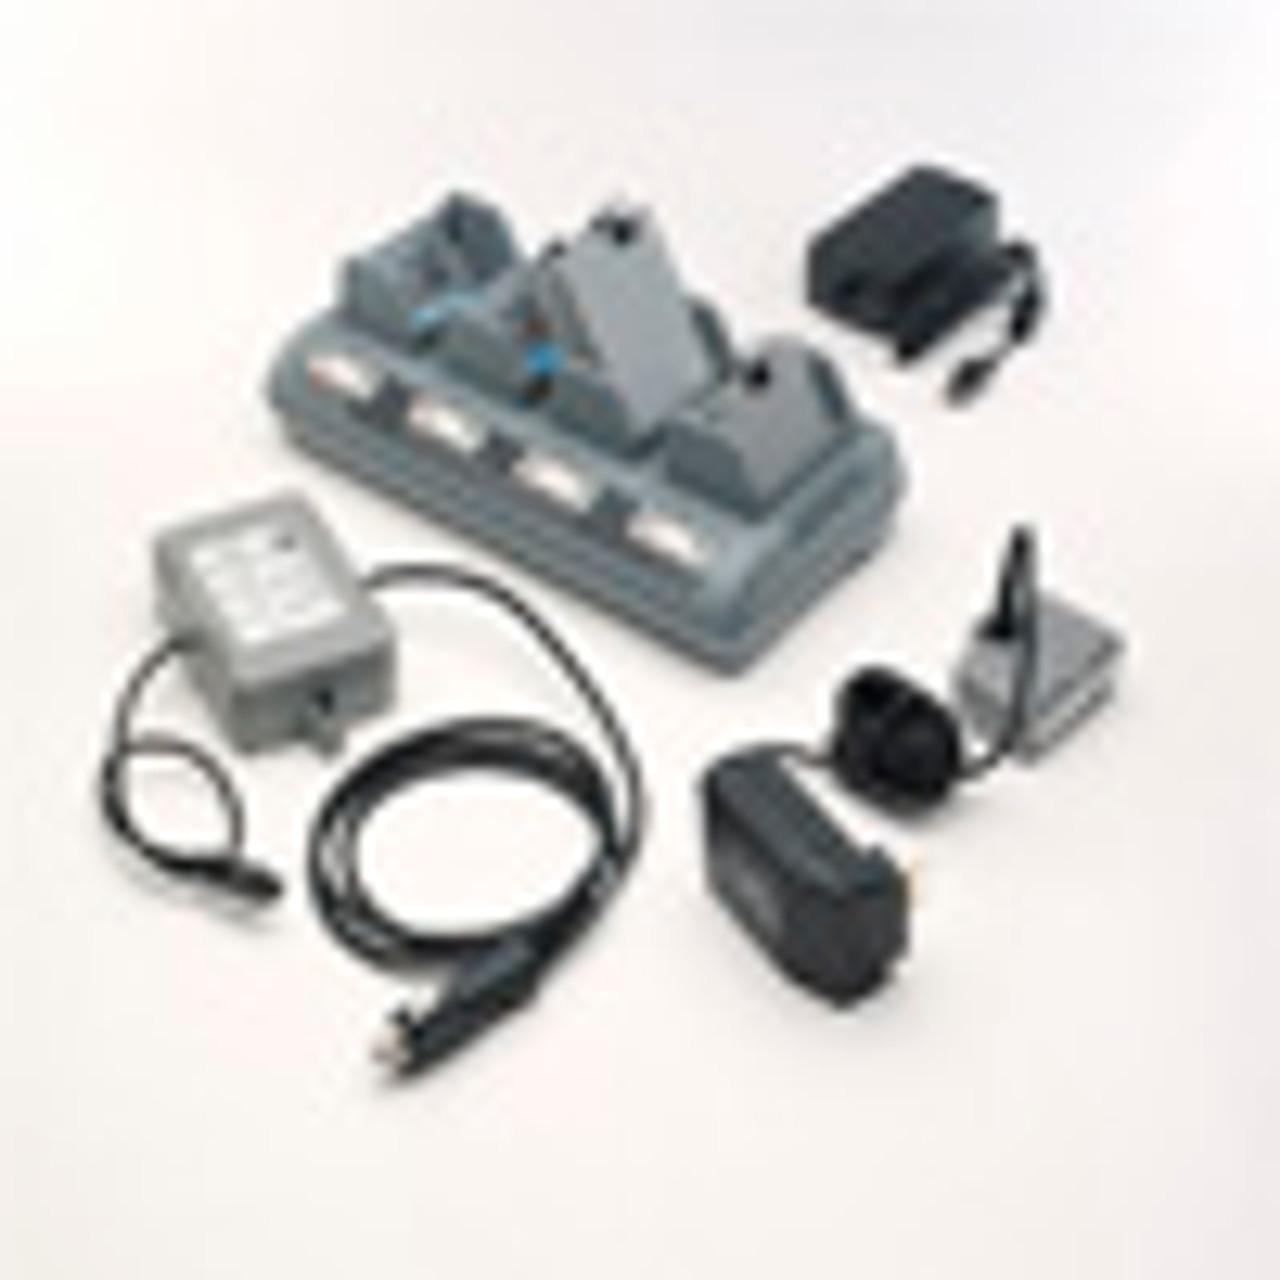 GX430T Accessories